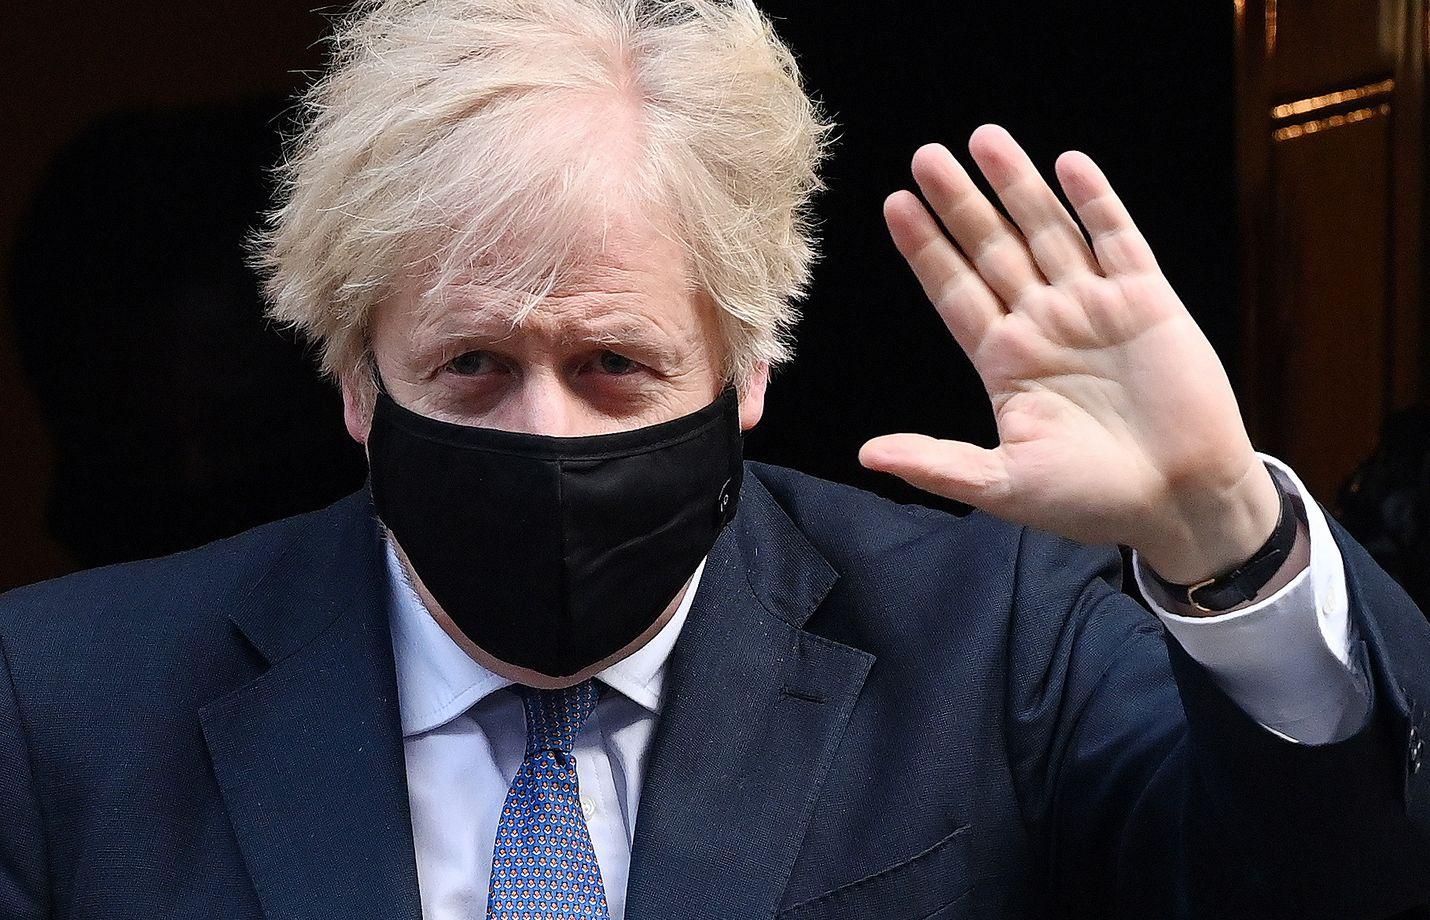 Pääministeri Boris Johnson toivoo huippukokouksen keskittyvän pandemian jälkeiseen jälleenrakennustyöhön. Britannia aloitti G7-ryhmän puheenjohtajana tänä vuonna.